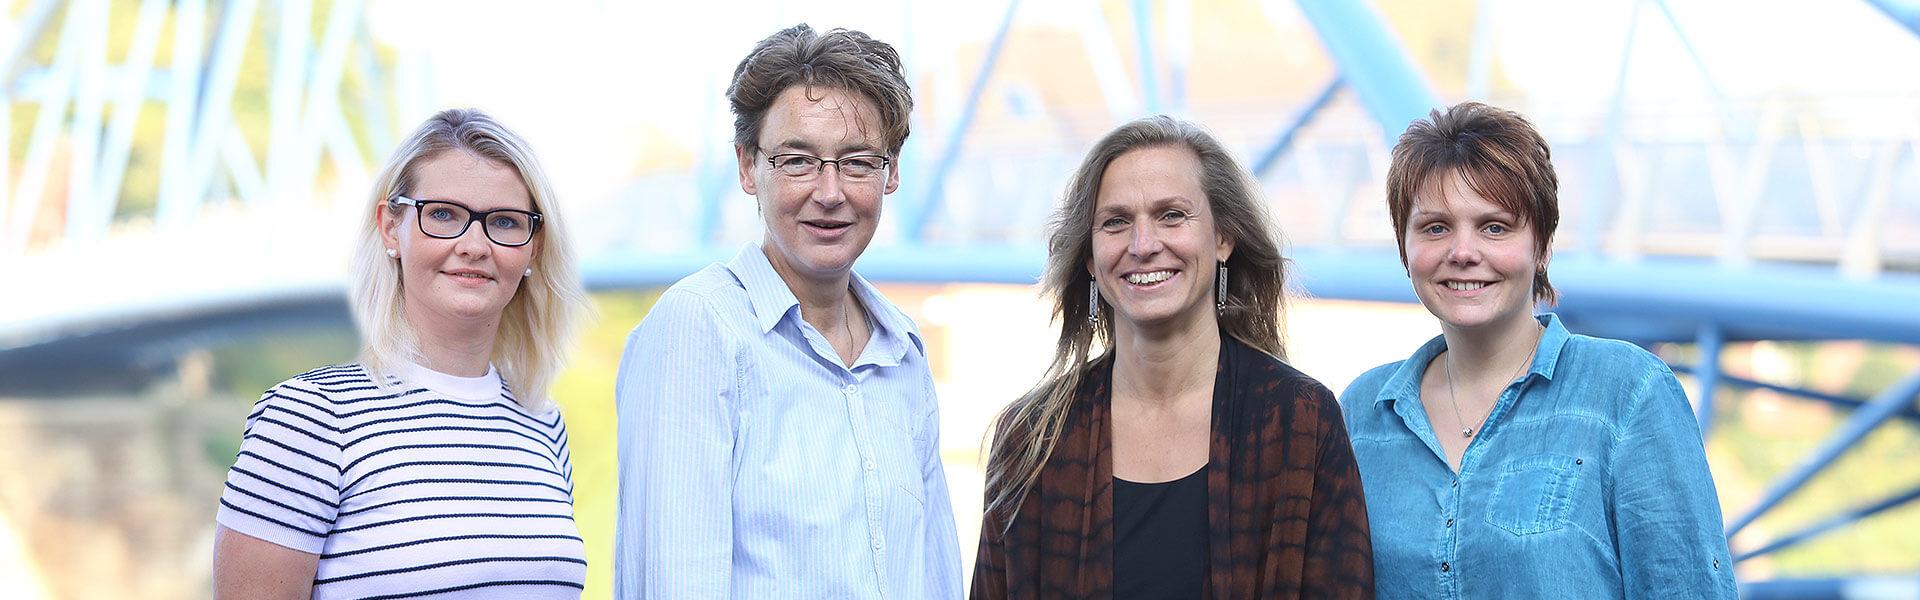 Anwalt Nienburg - Kanzlei Vieregge-Bruns & Keul